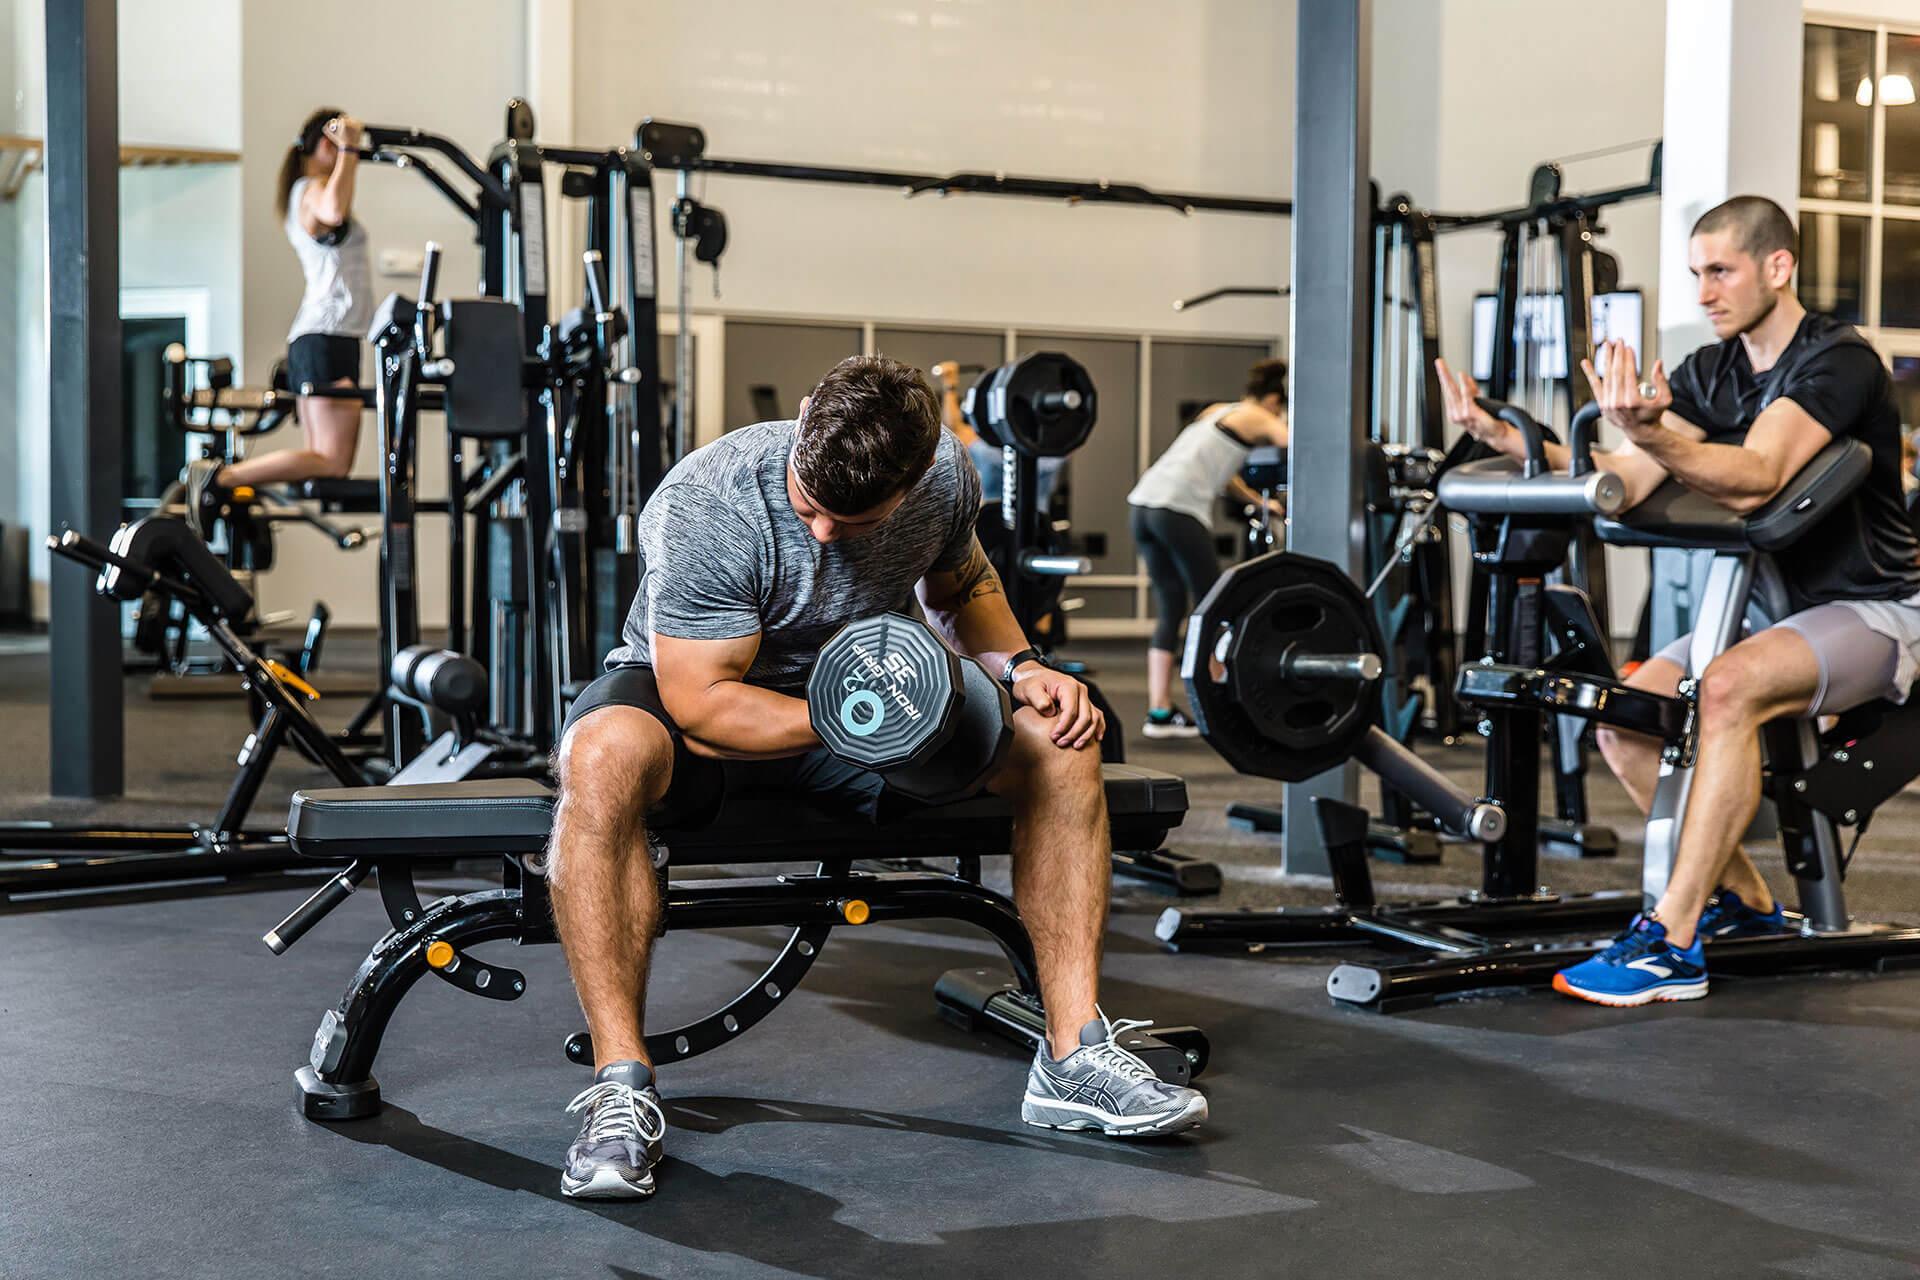 تکرارهای منفی در تمرینات بدنسازی